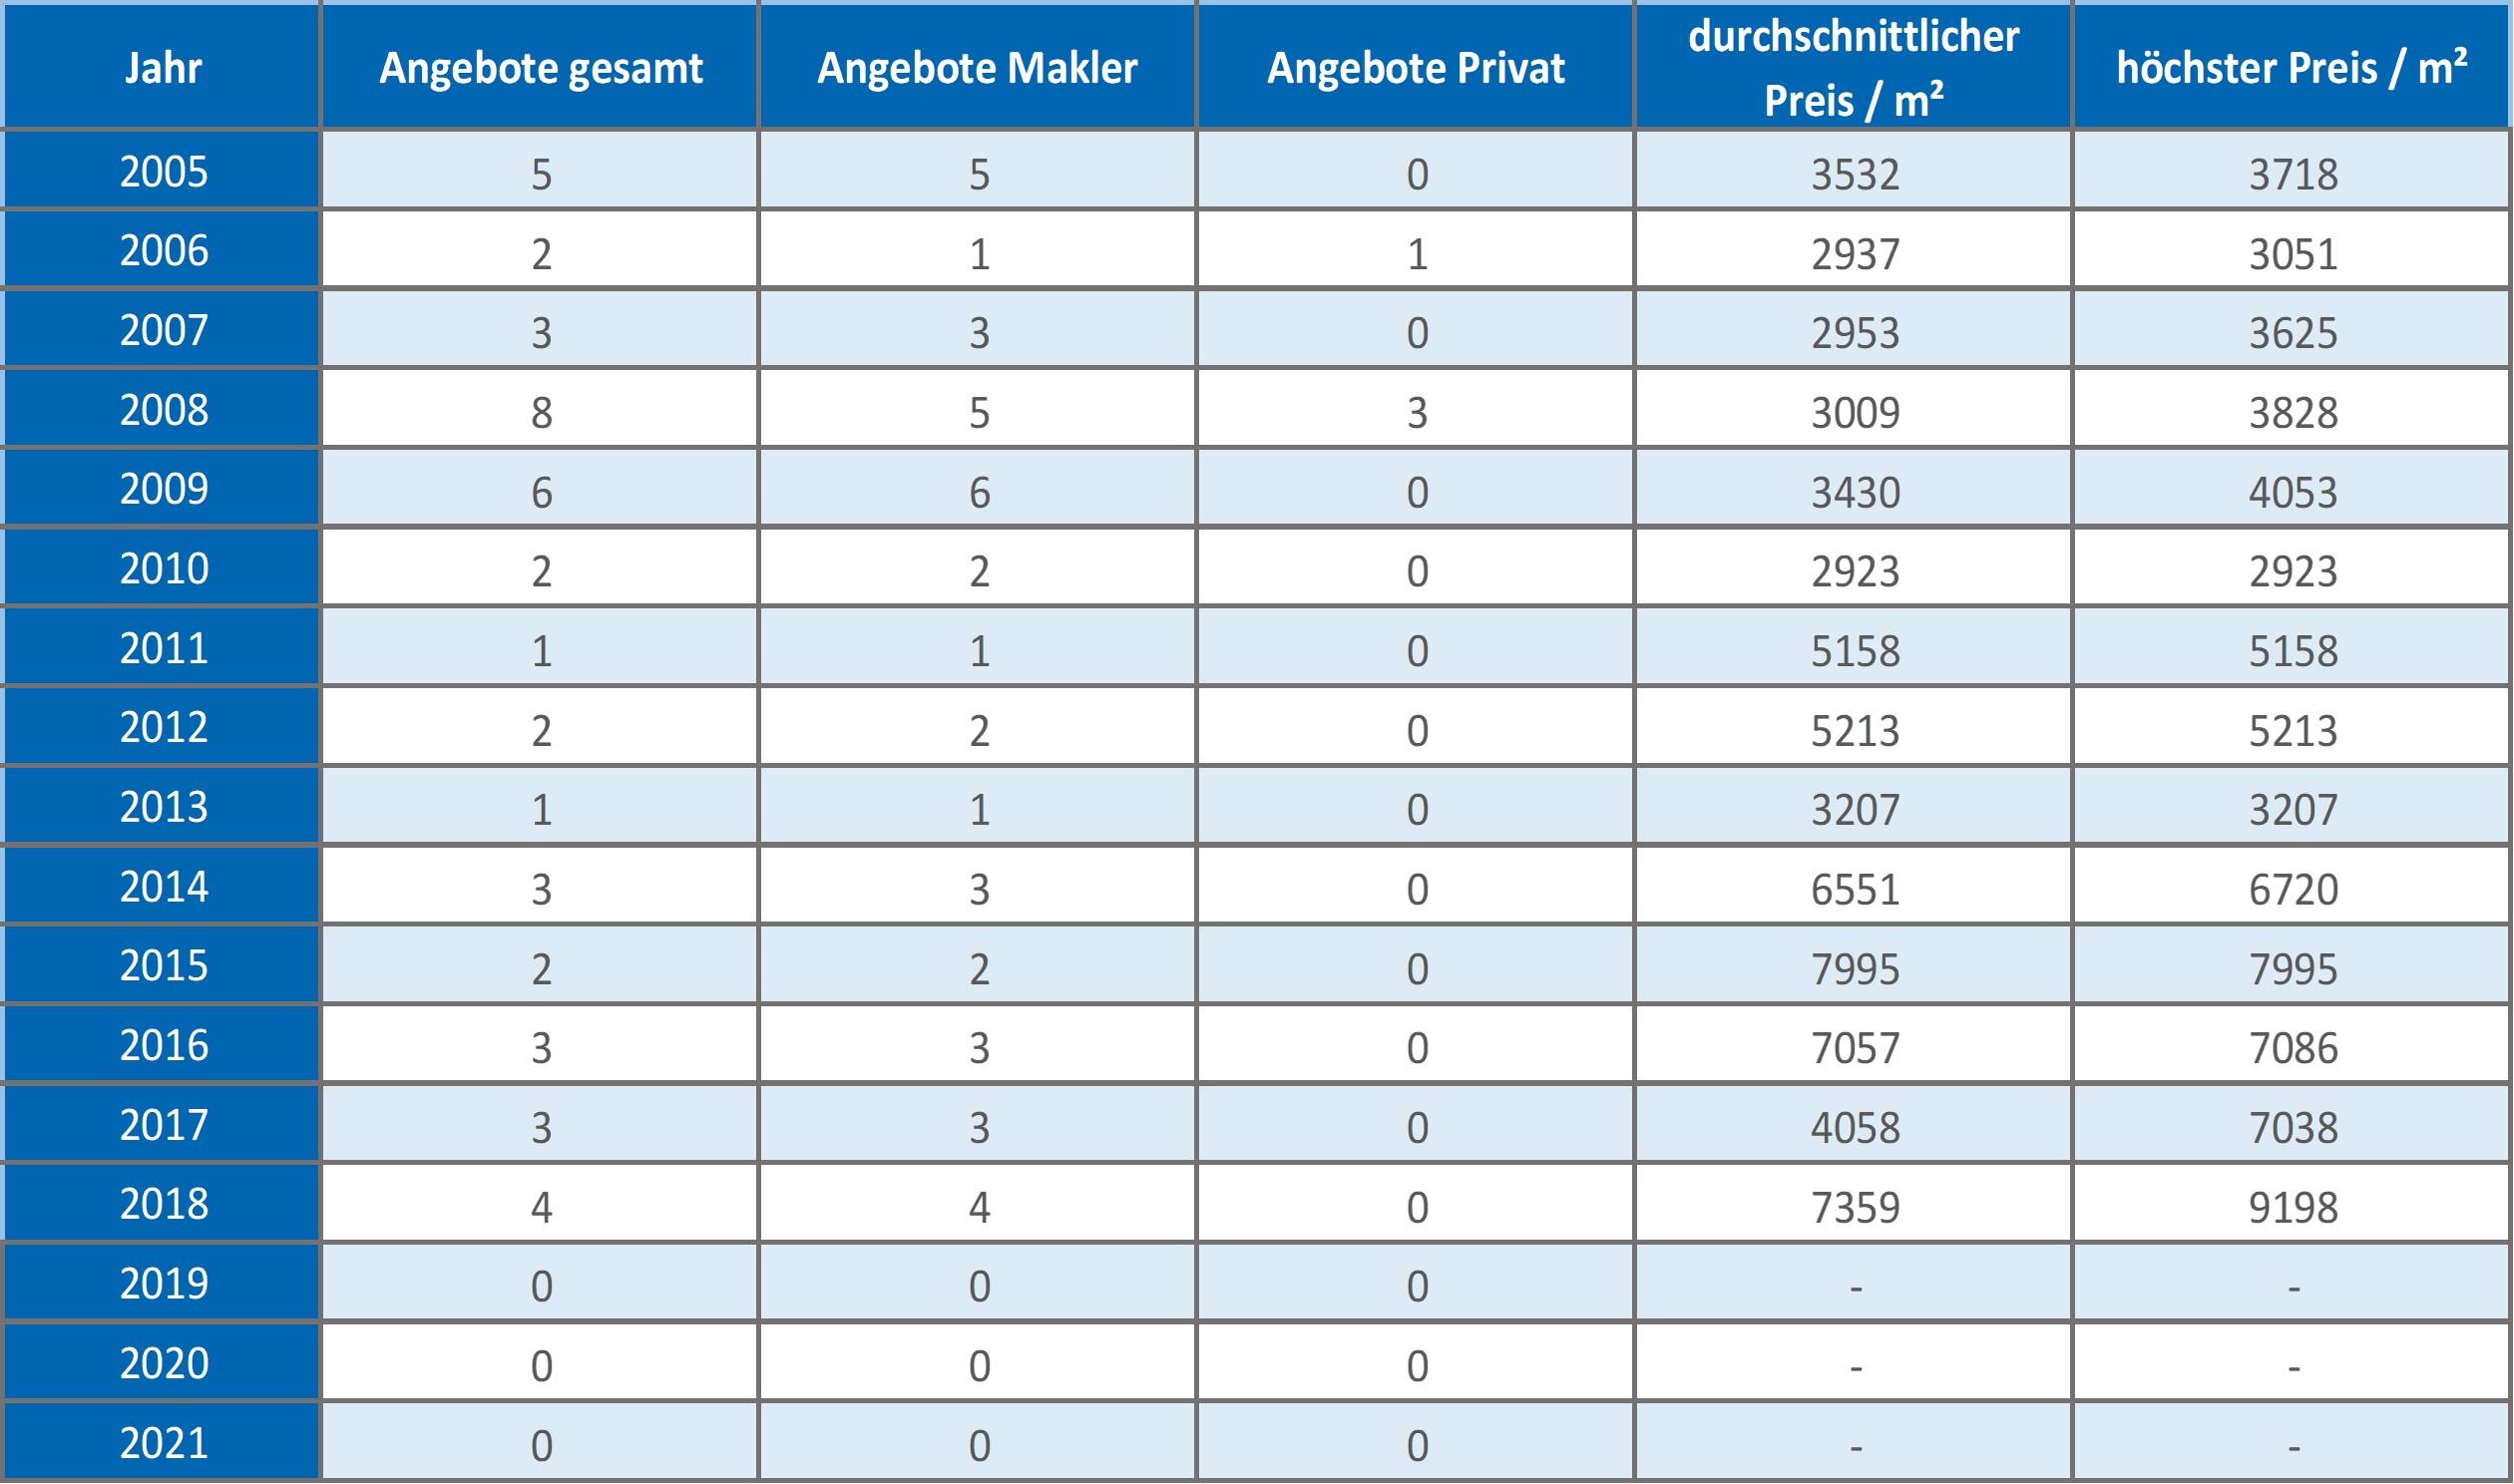 Straßlach - Dingharting Wohnung kaufen verkaufen Preis Bewertung Makler 2019 2020 2021 www.happy-immo.de